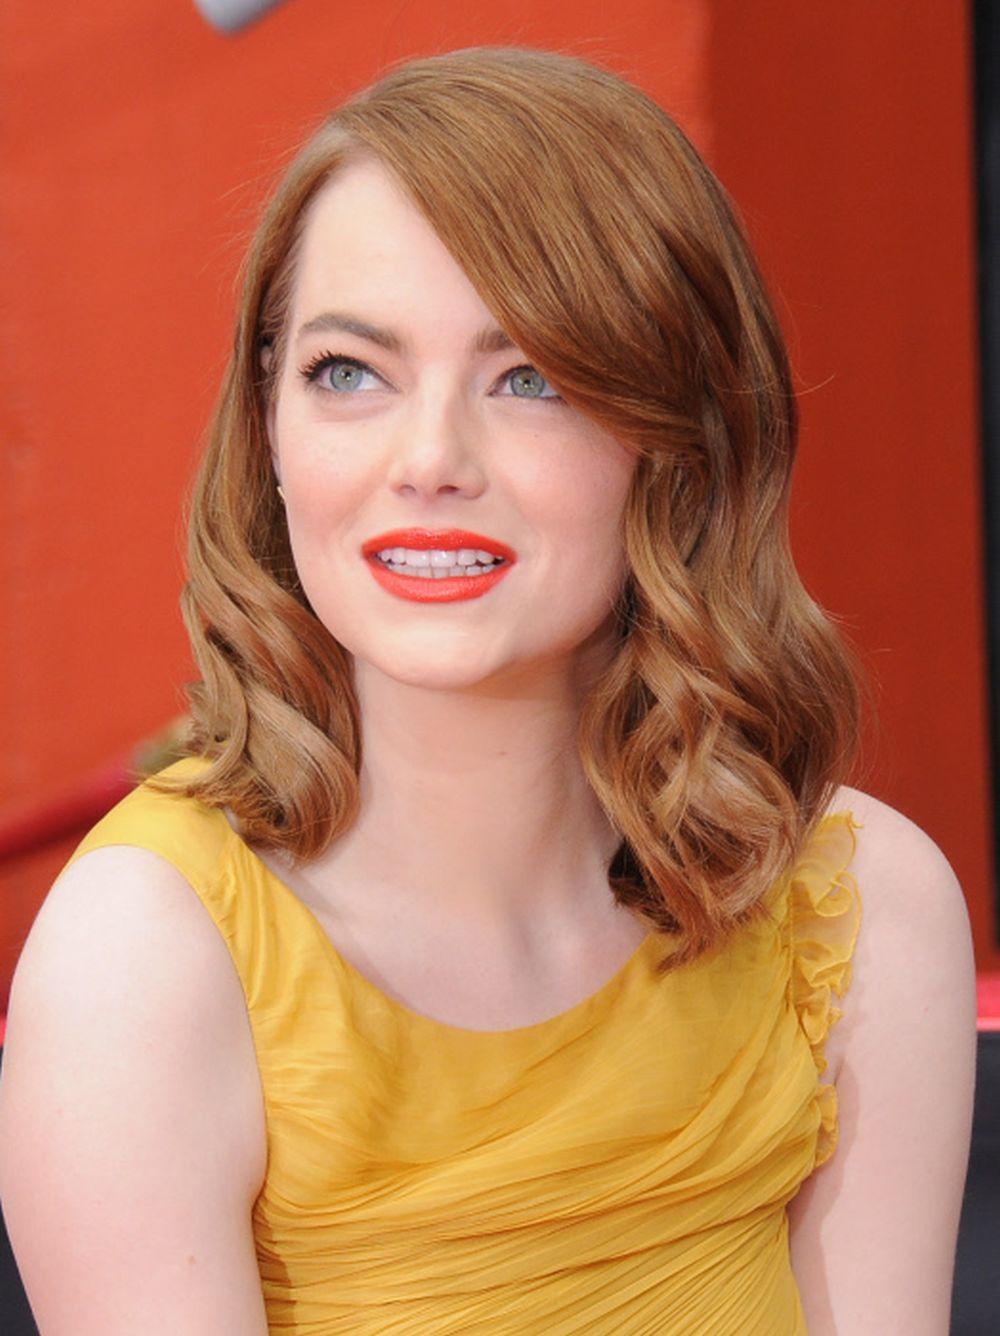 Los aceites de pelo, antes del lavado, le permiten a Emma Stone lucir un pelo más brillante.